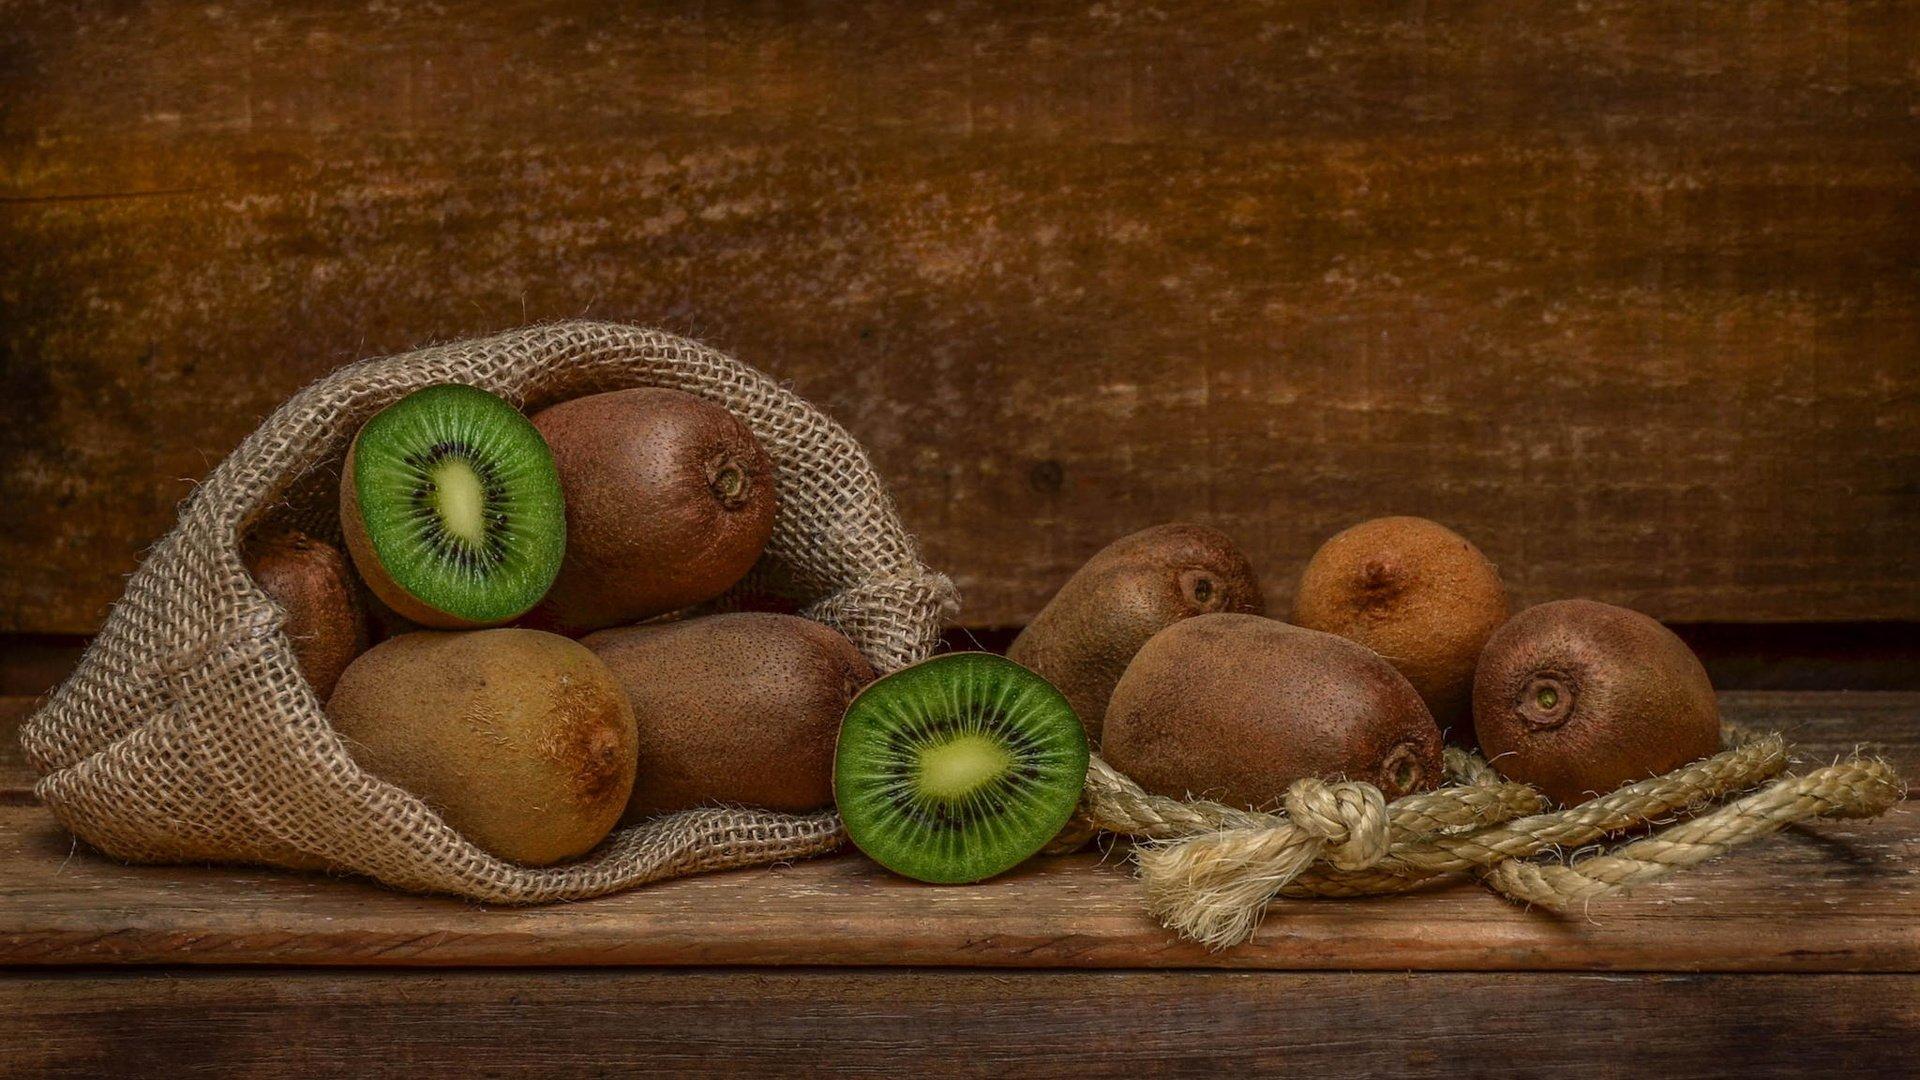 еда графика натюрморт фрукты food graphics still life fruit загрузить